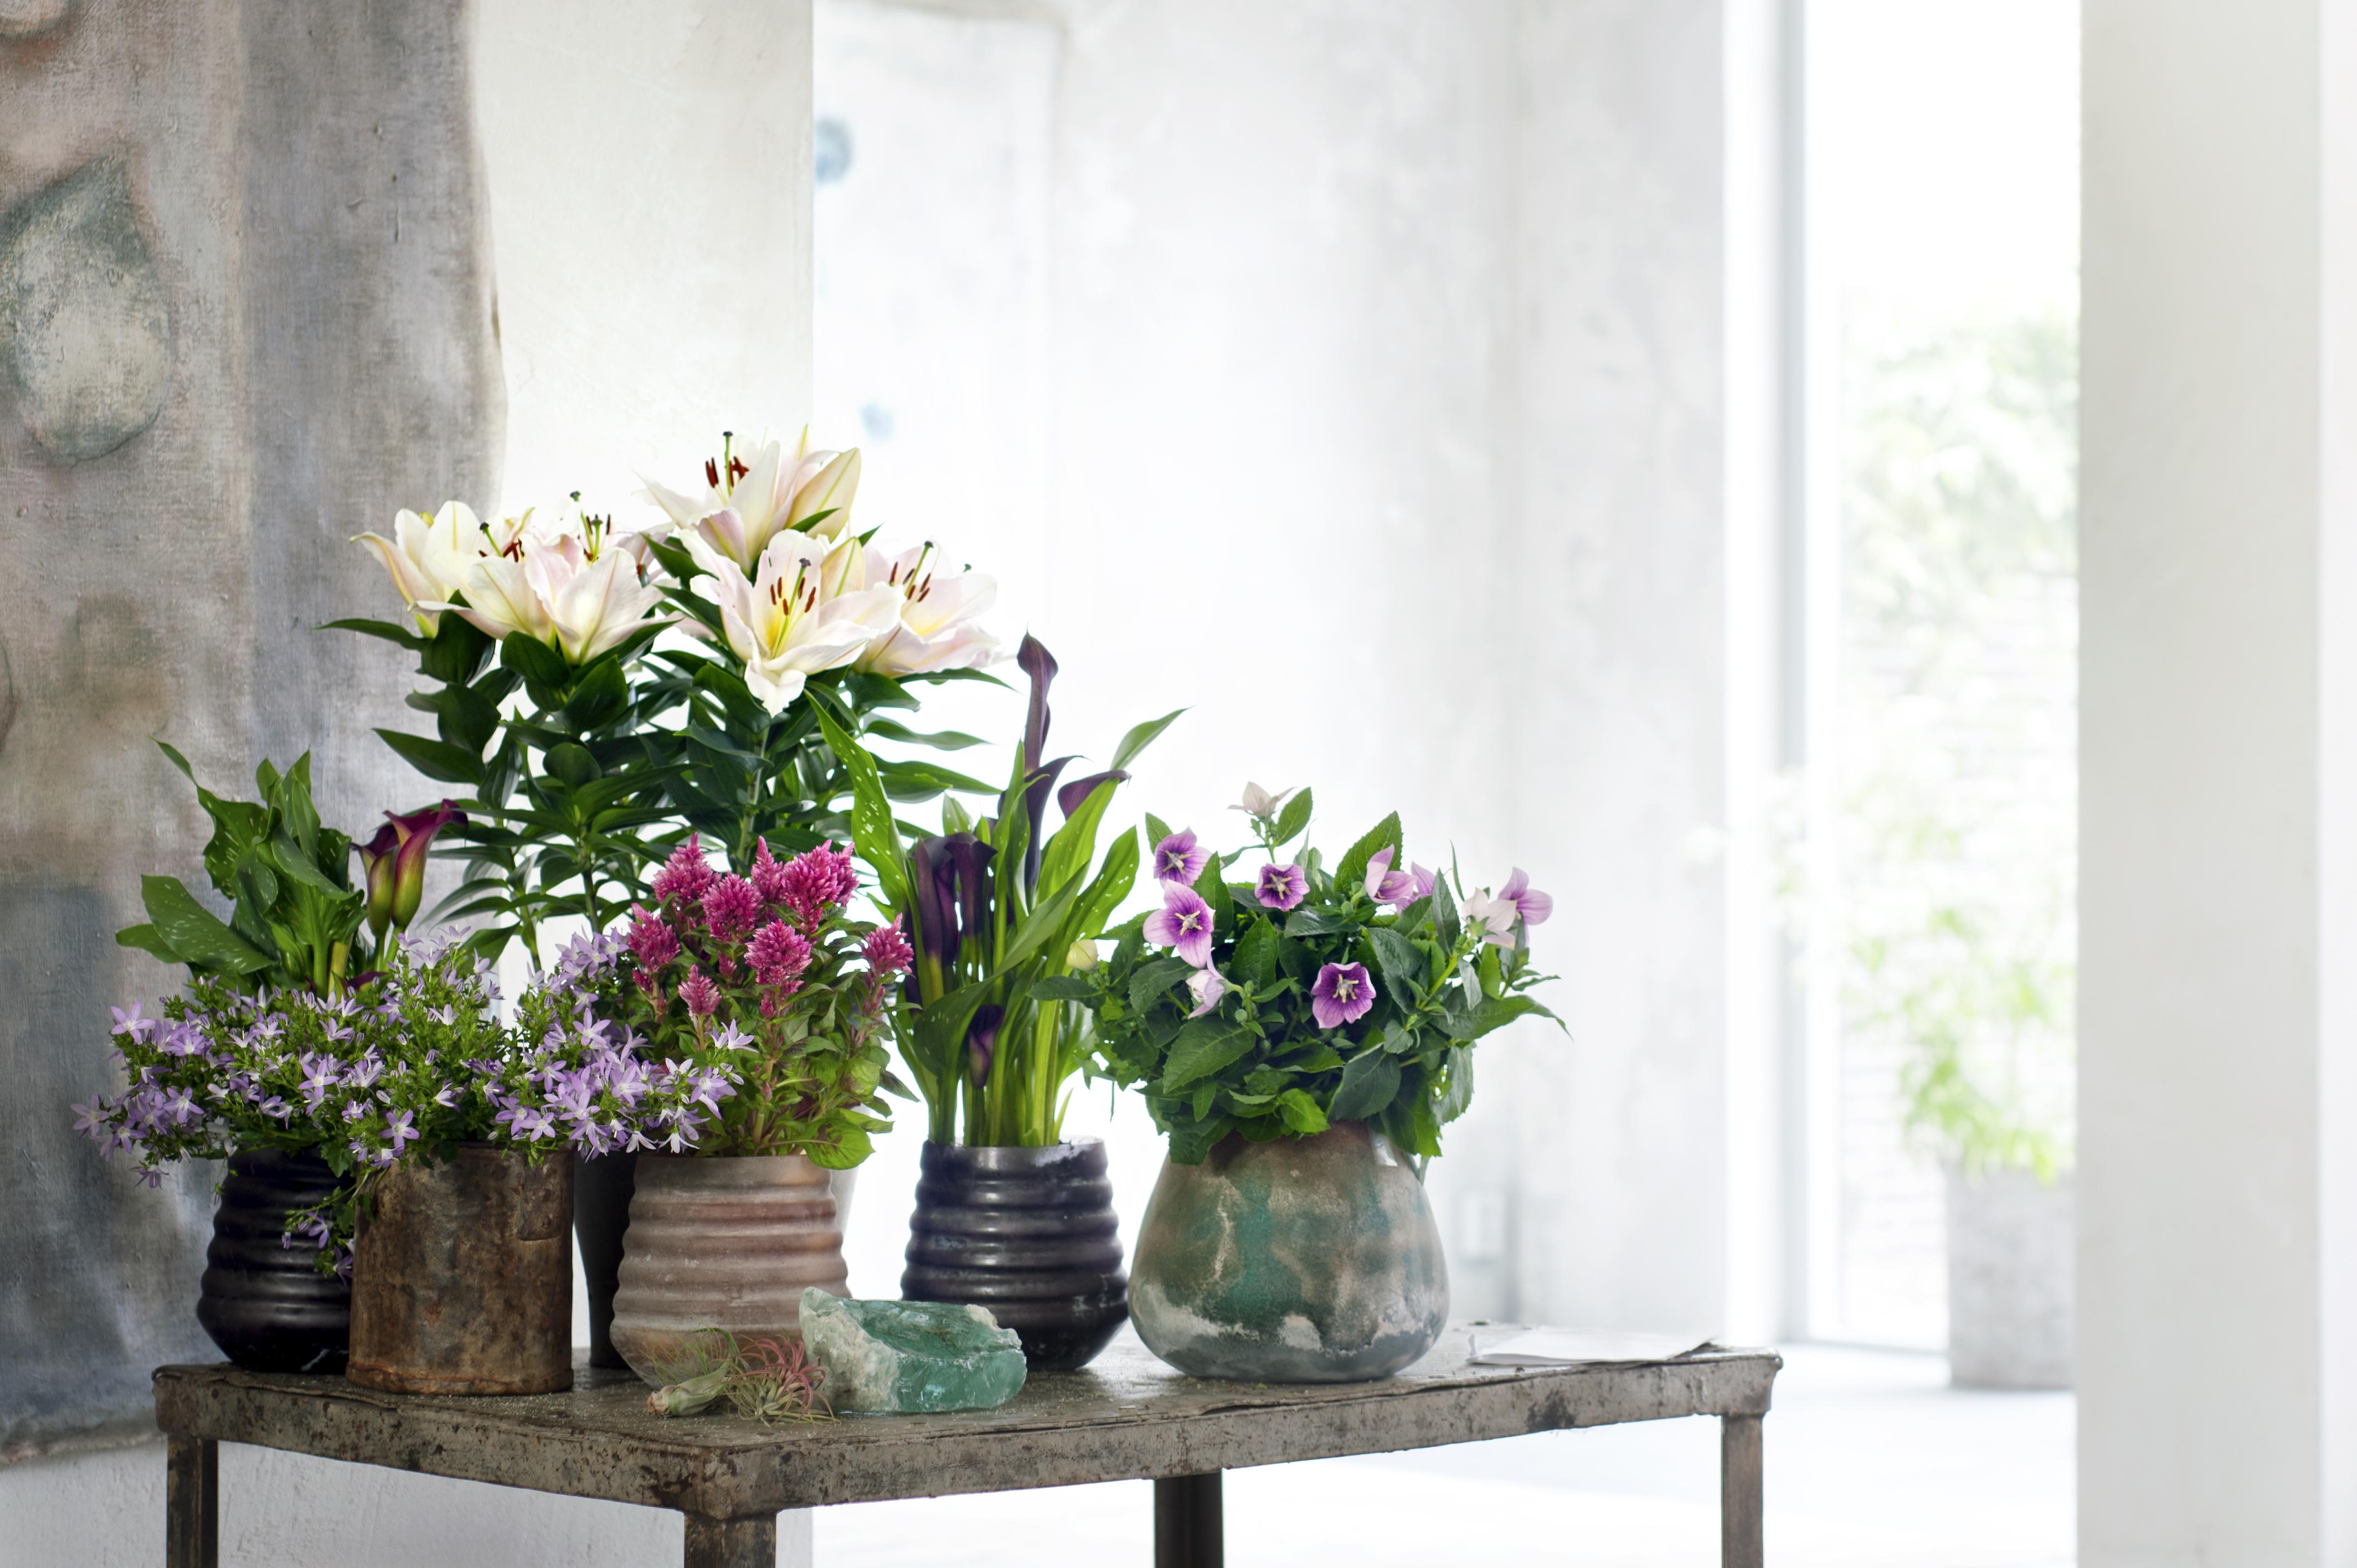 Binnenstebuiten-planten-05-2017-04 - kopie - kopie